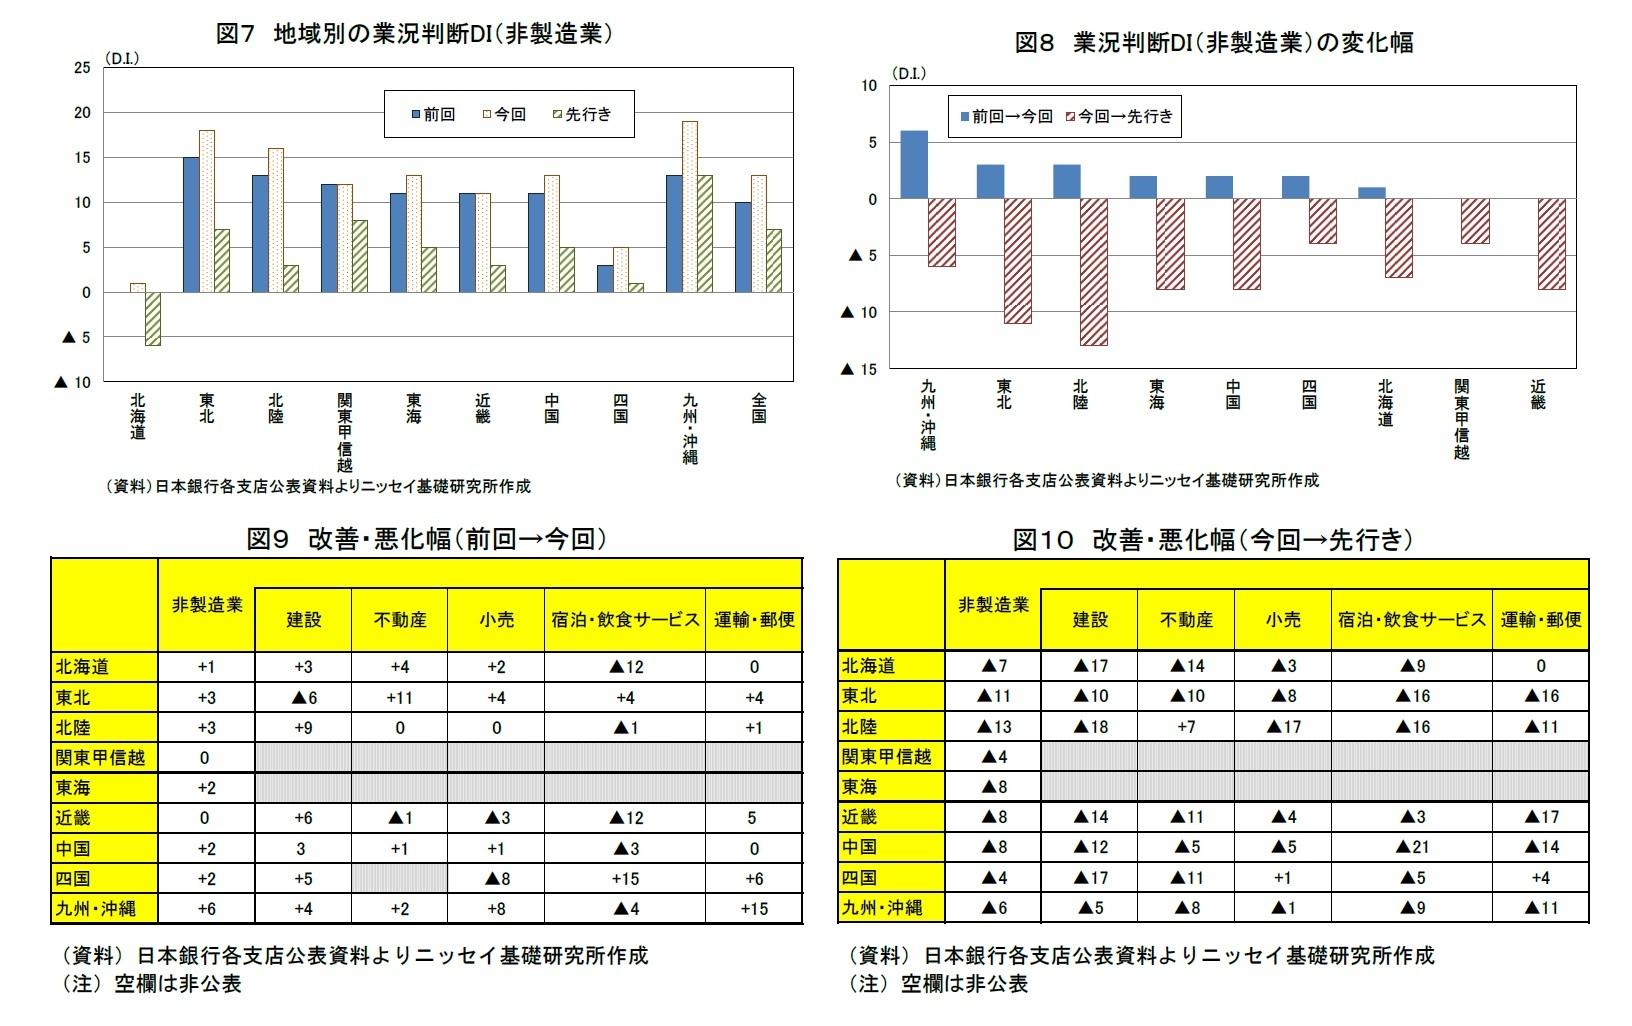 図7 地域別の業況判断DI(非製造業)/図8 業況判断DI(非製造業)の変化幅/図9 改善・悪化幅(前回→今回)/図10 改善・悪化幅(今回→先行き)